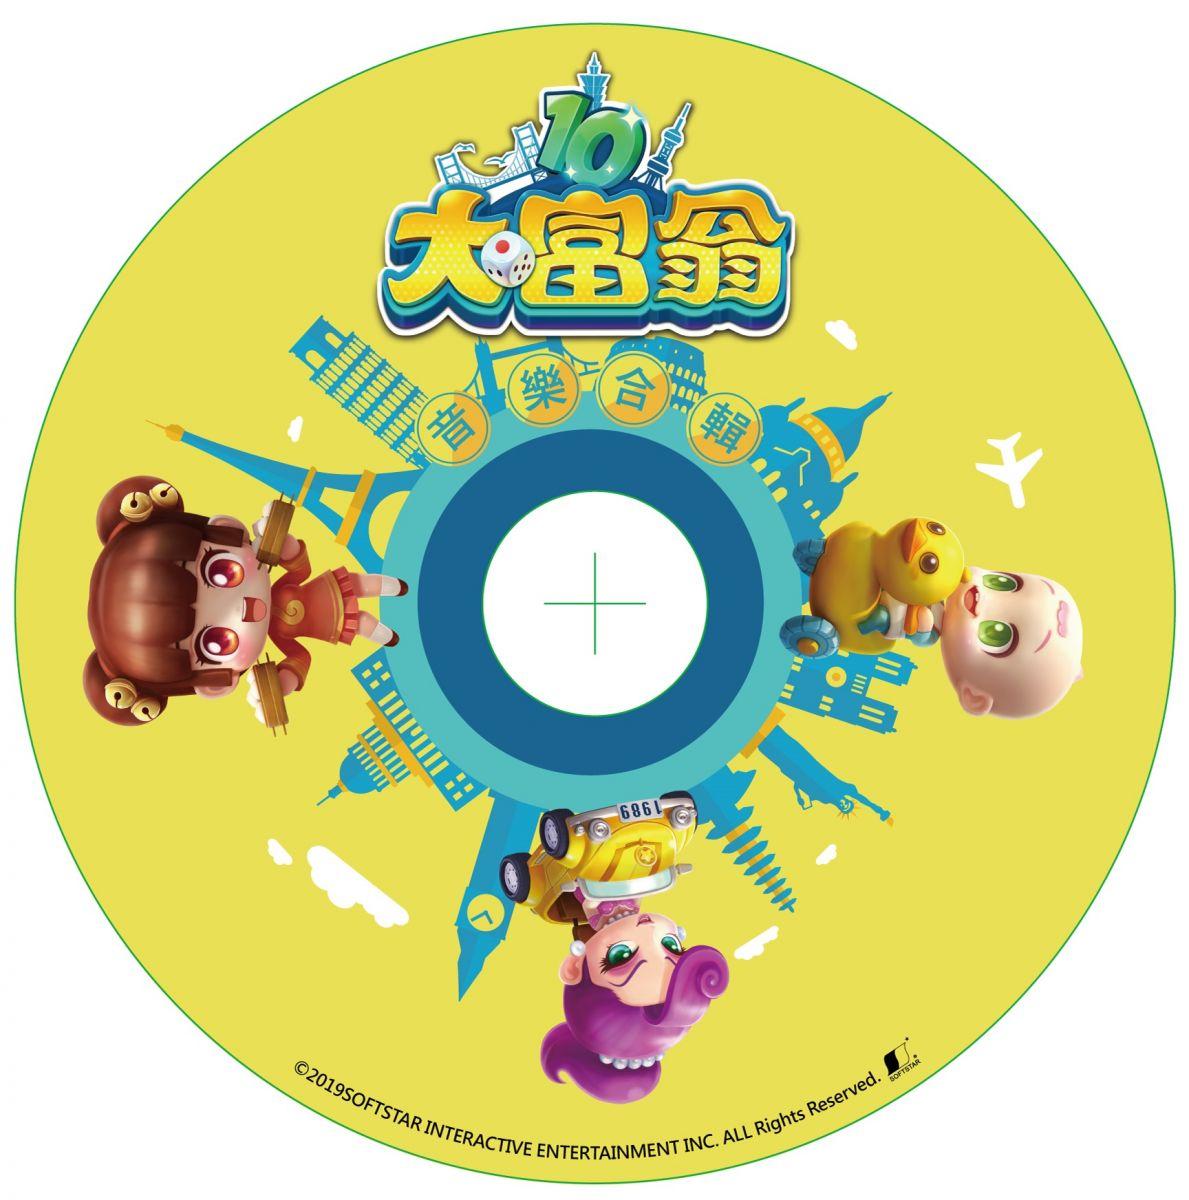 《大富翁10》实体版已推出 包含限量卡套音乐CD等